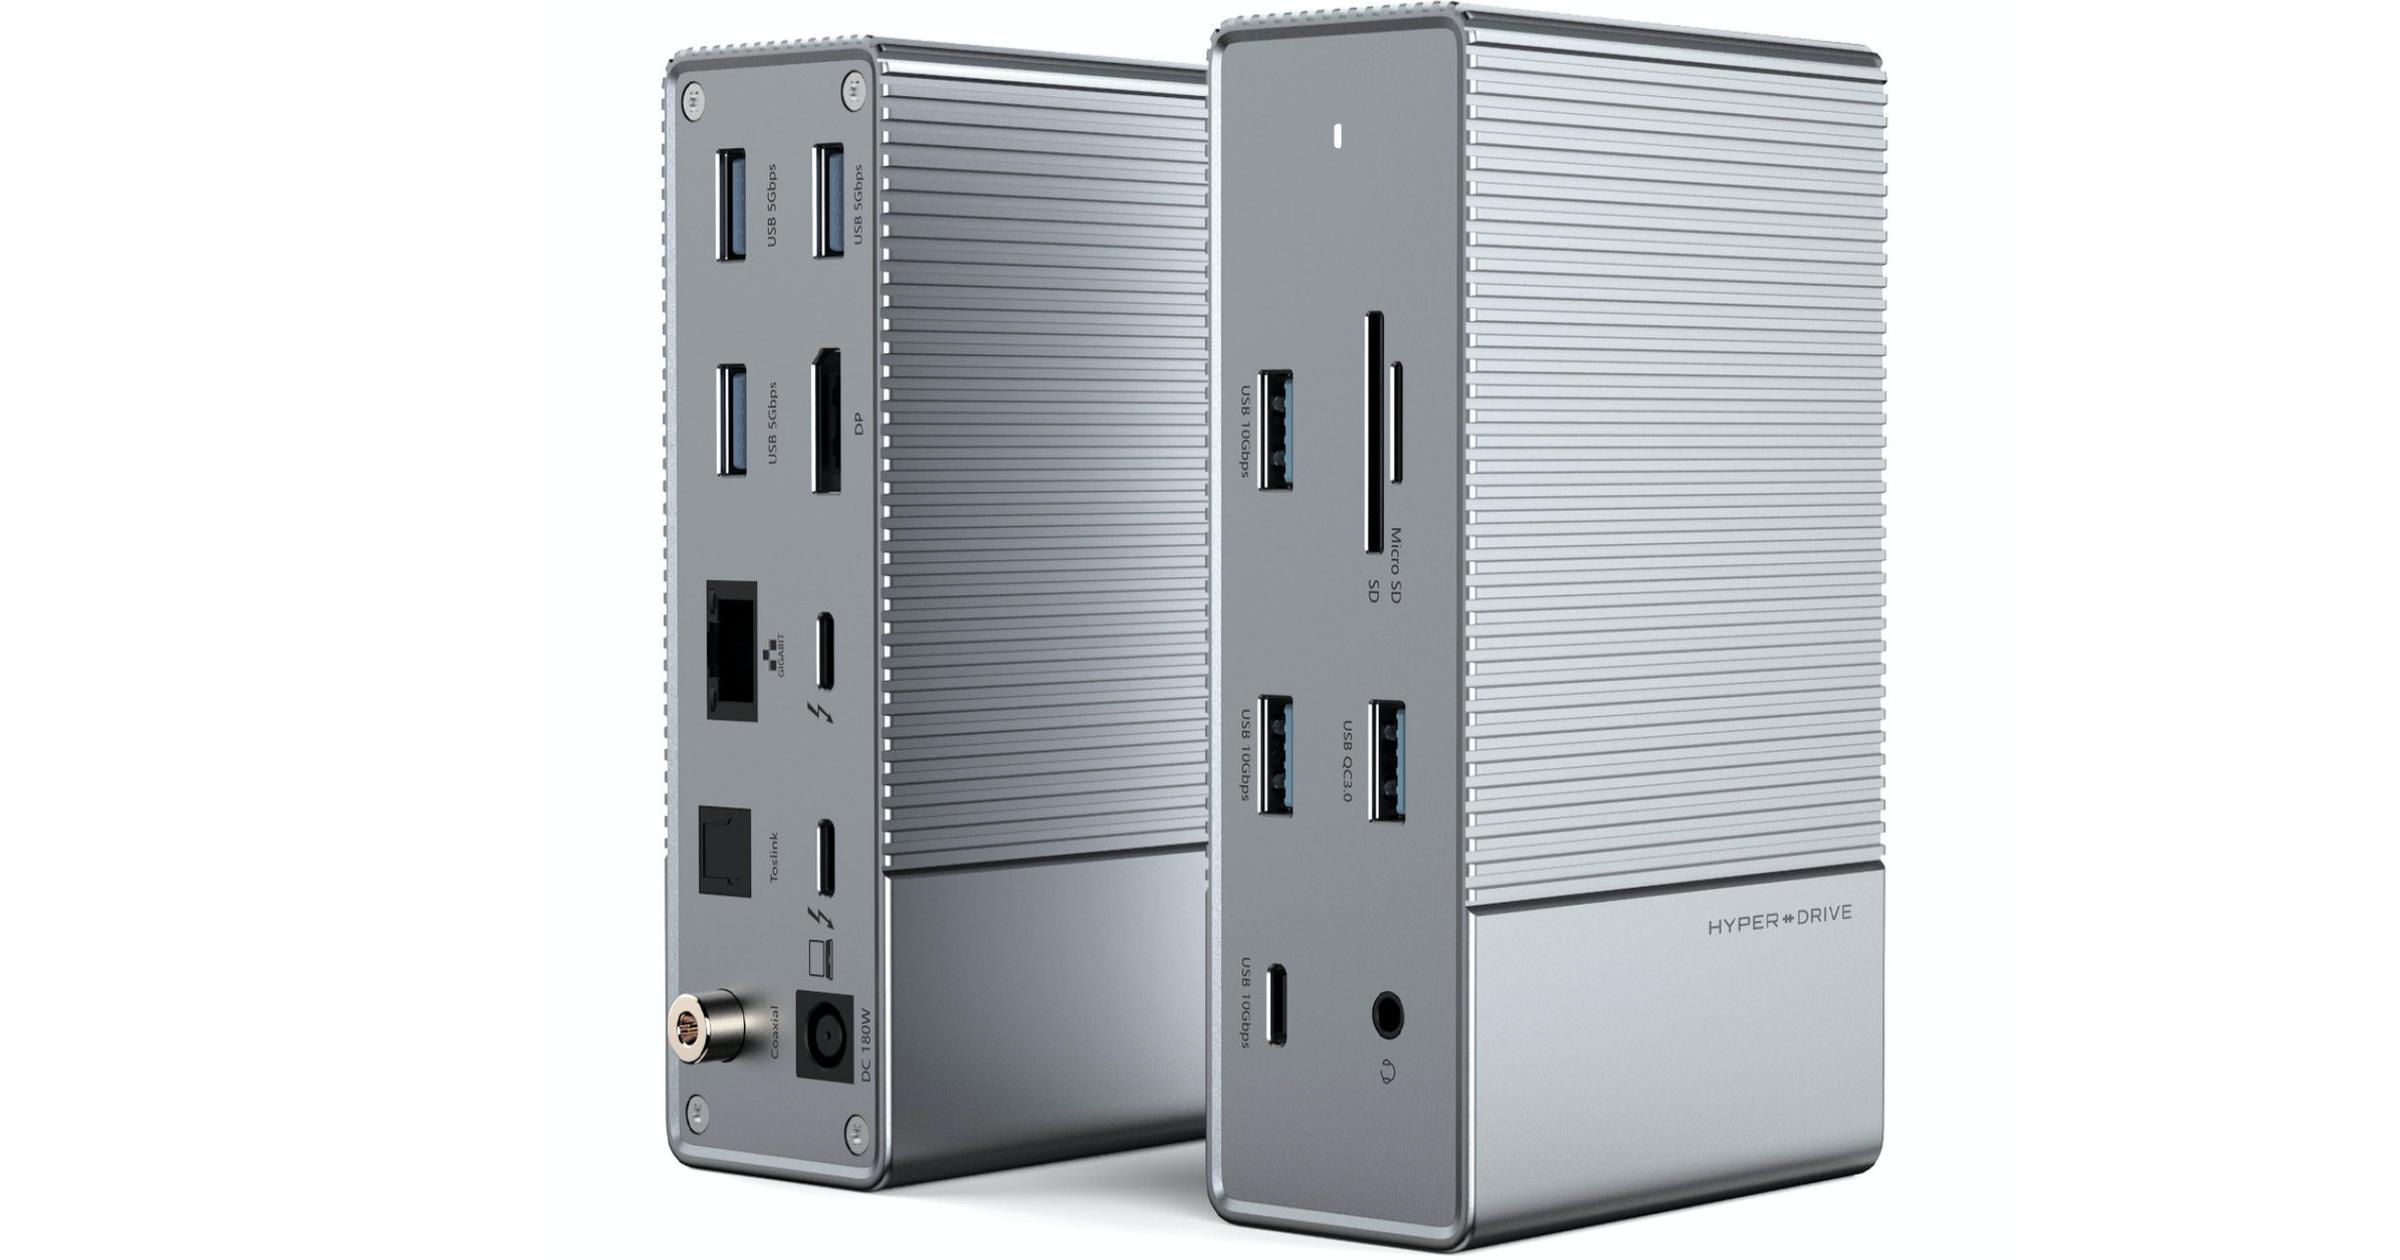 HyperDrive Gen 2 Thunderbolt 3 dock